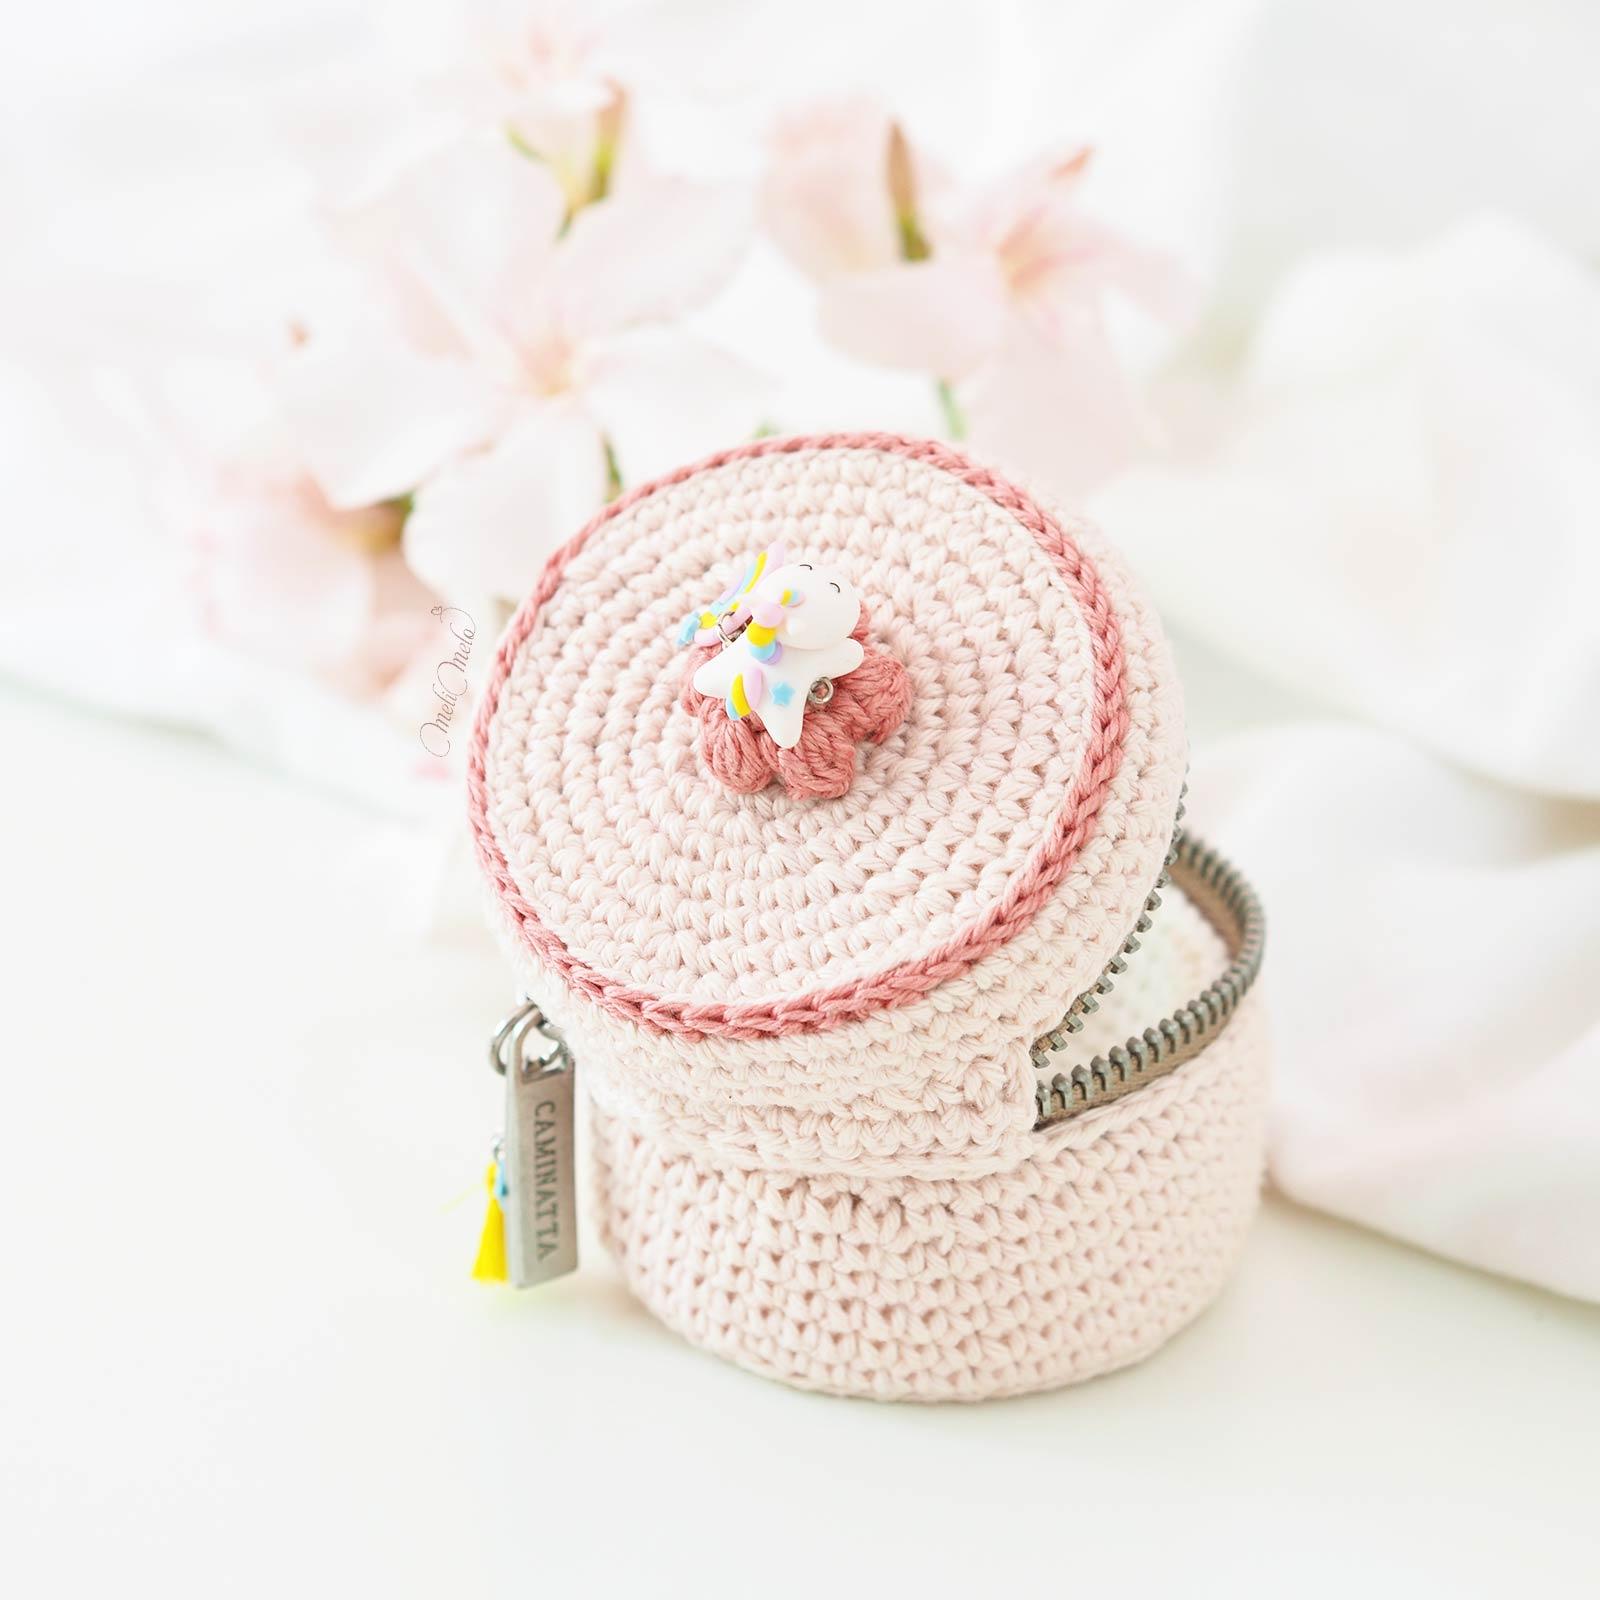 licorne-kawaii-arc-en-ciel-crochet-reverie-laboutiquedemelimelo